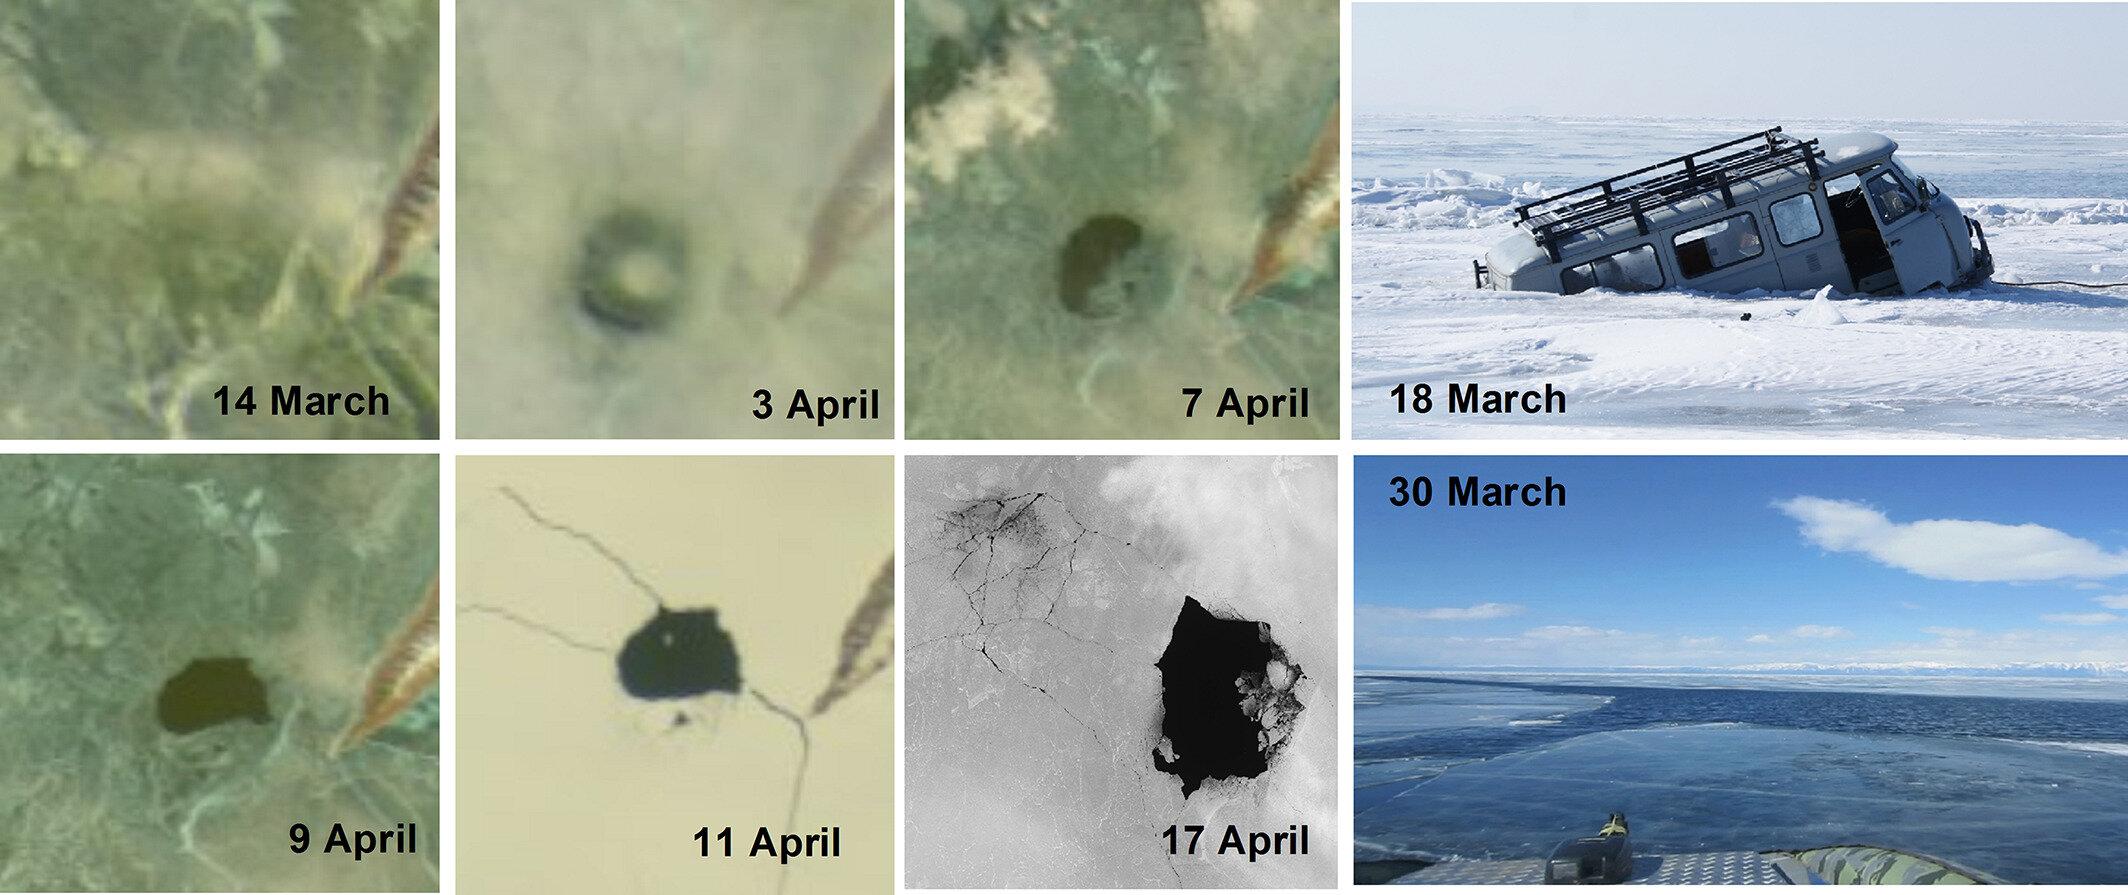 «Ледяное кольцо» наозере Байкал по спутниковым снимкам <i>MODIS</i> и<i>LANDSAT 8</i> (мыс Нижнее Изголовье). Диаметр структуры около 5км.